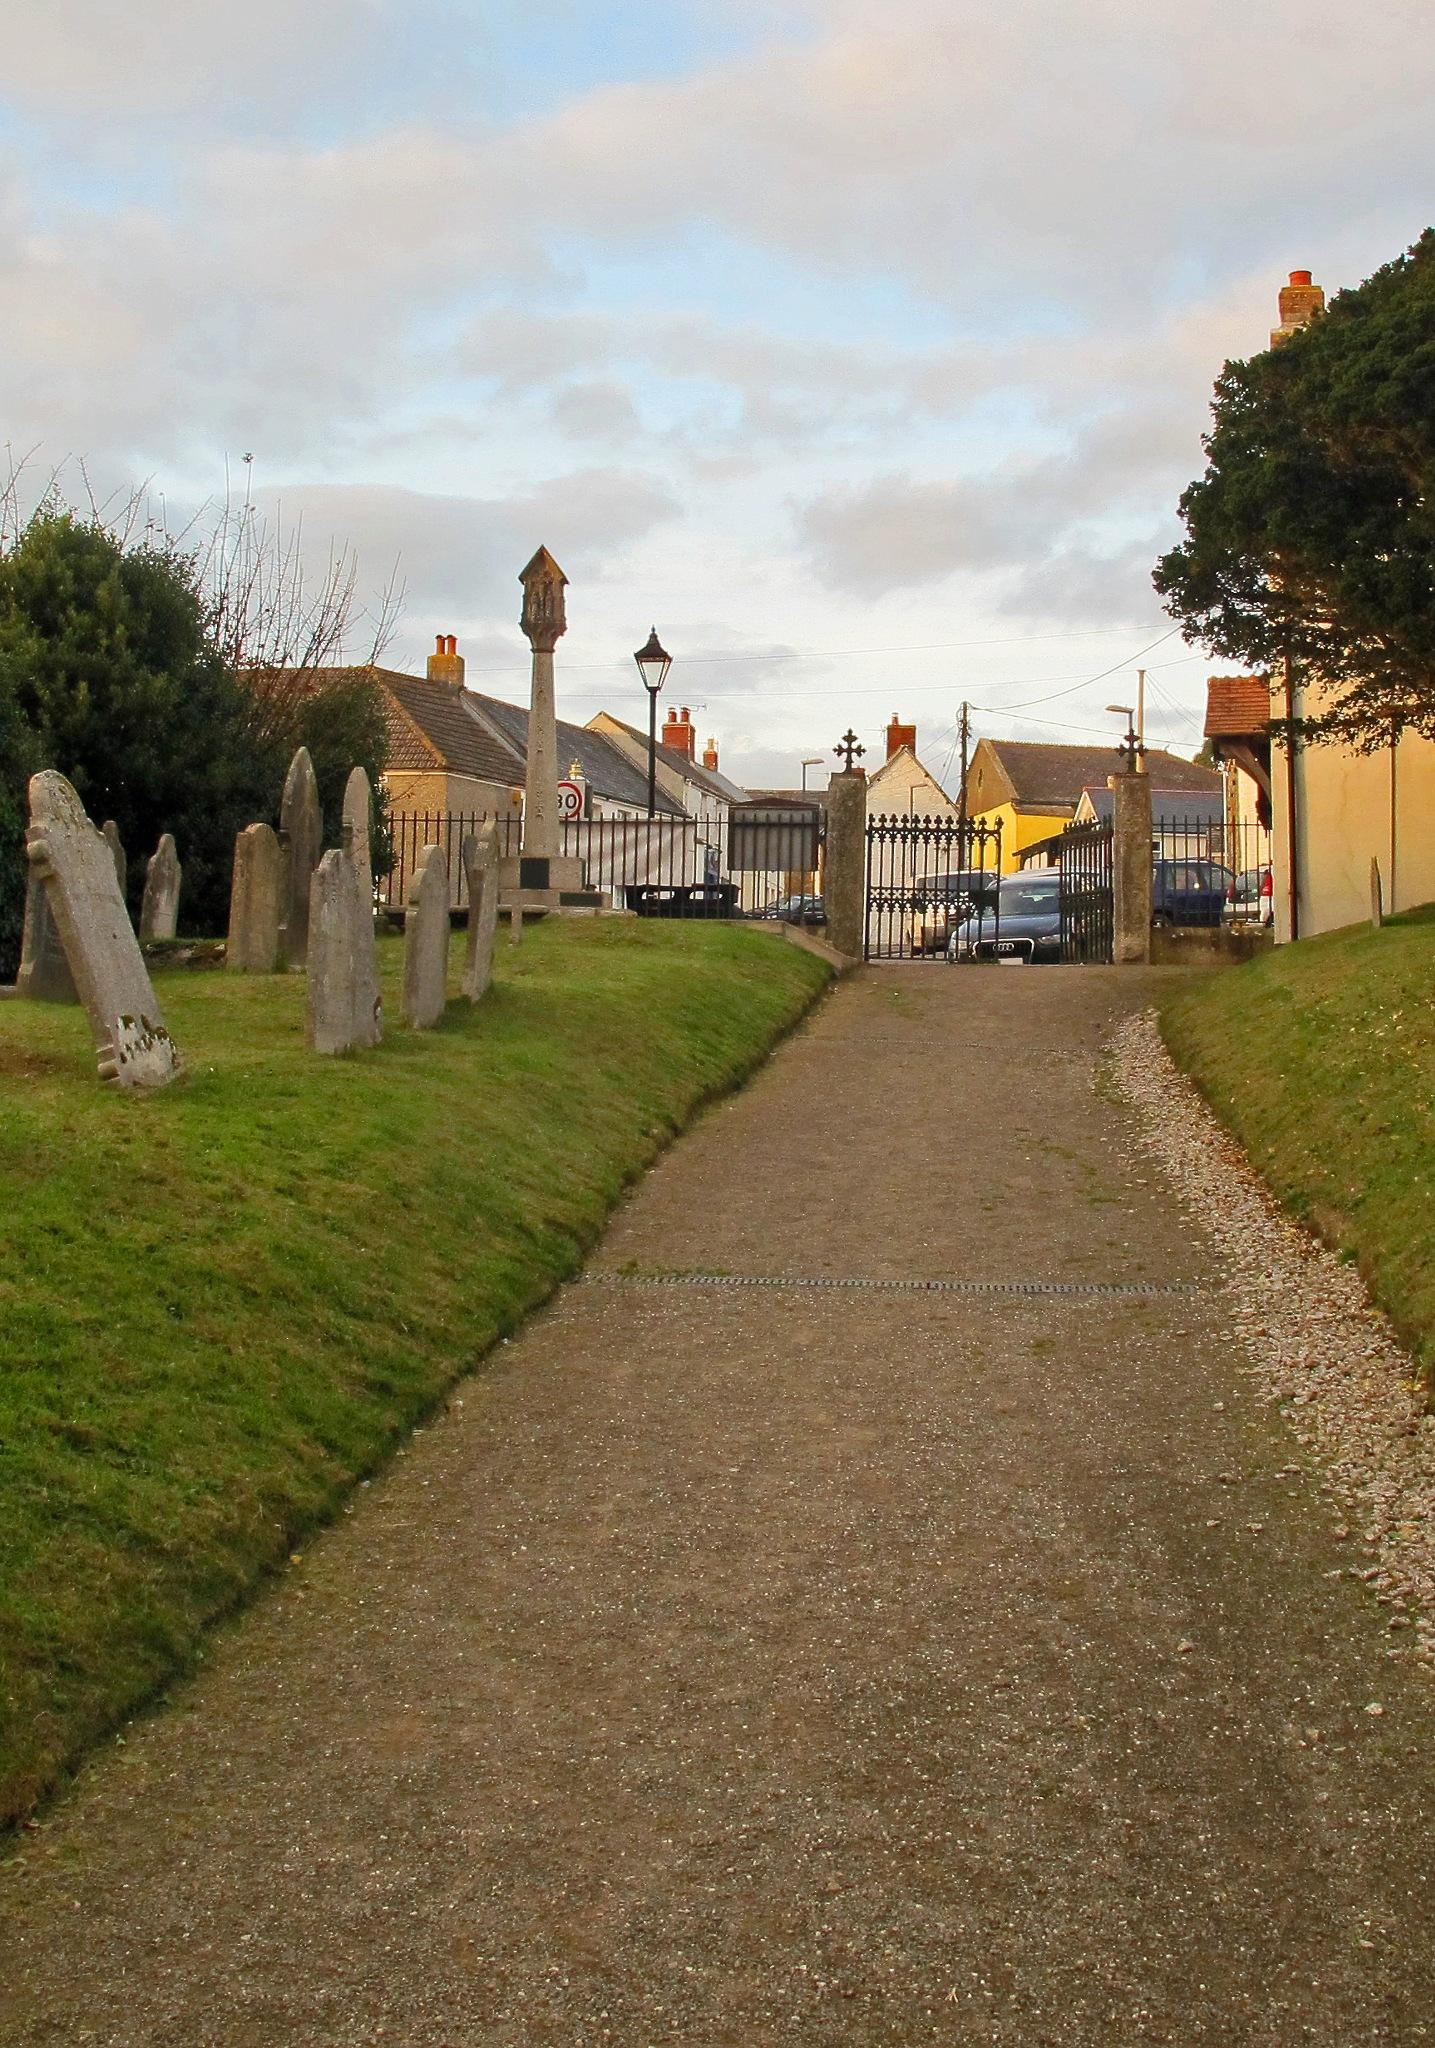 A Village Graveyard in Autumn, 15. by jamez